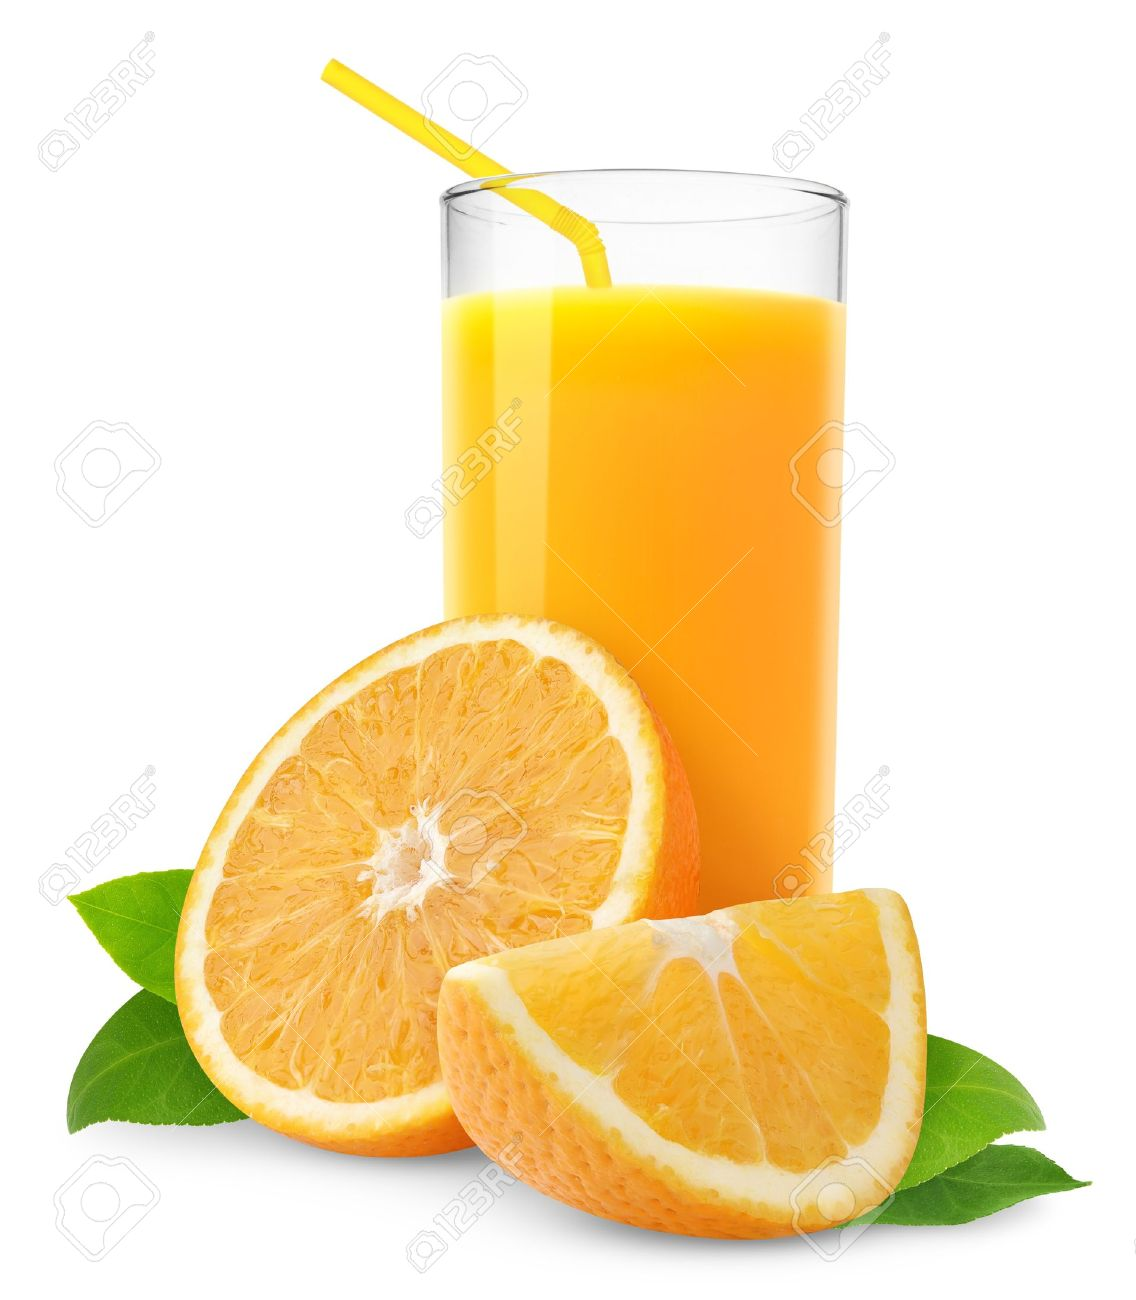 orange juice and slices of orange isolated on white stock photo